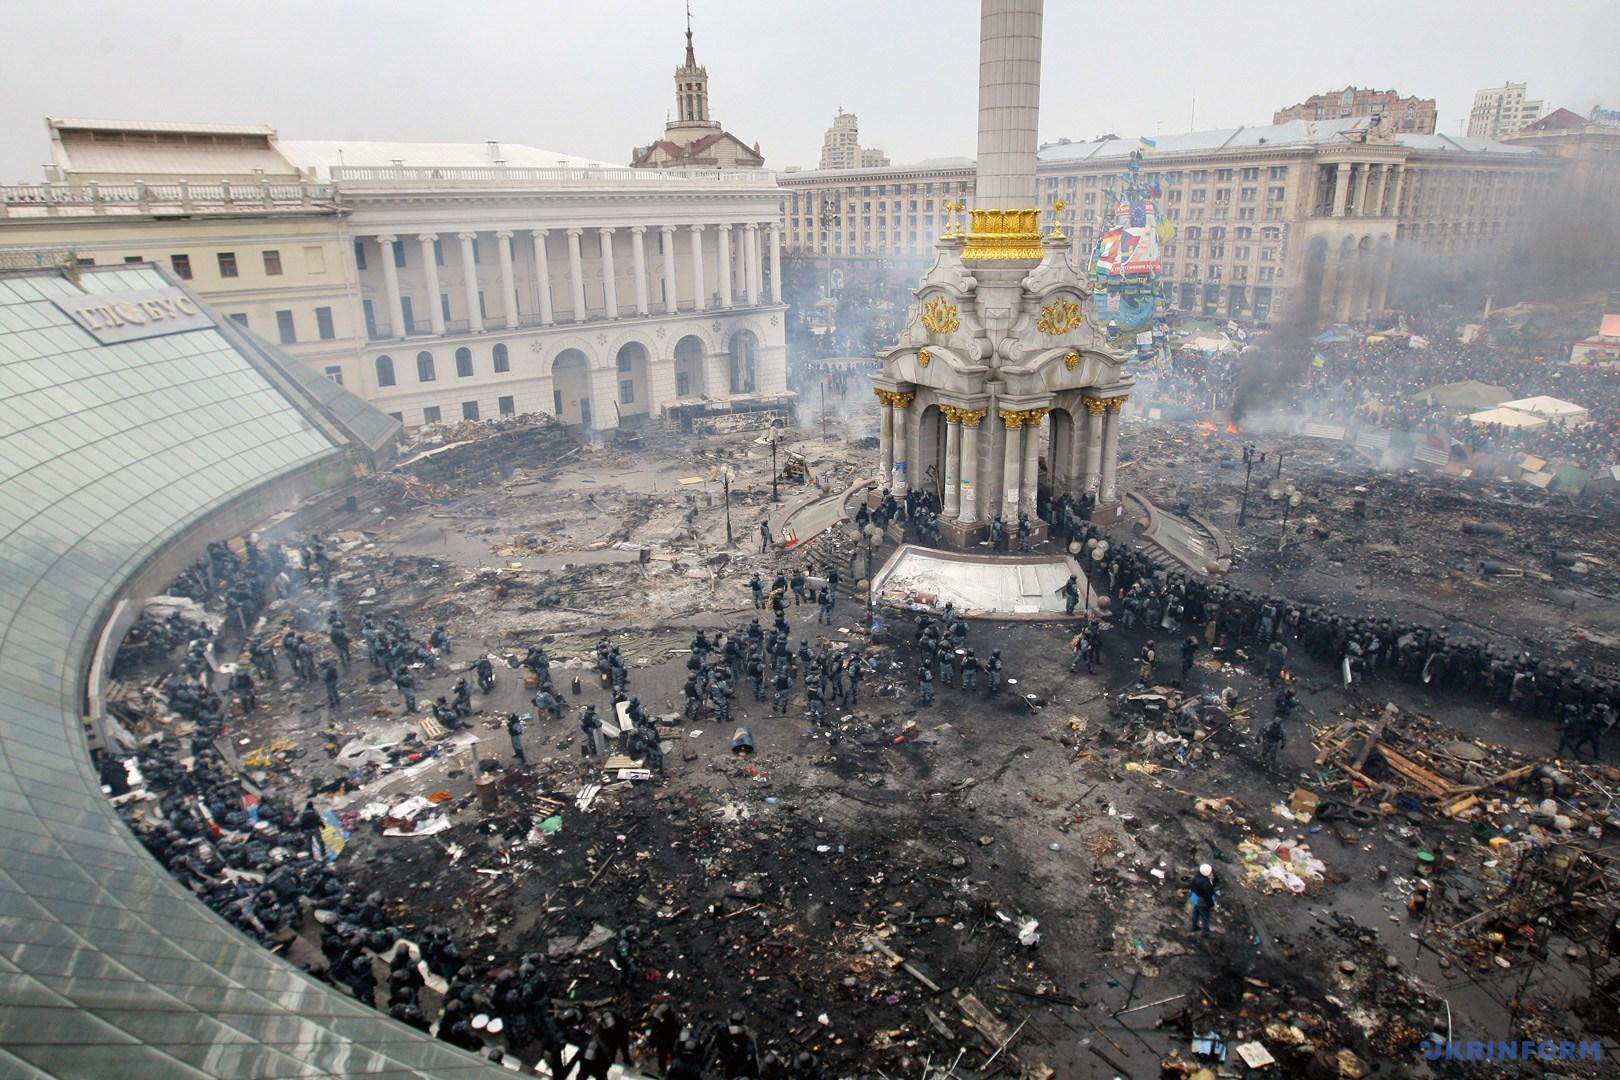 19 февраля 2014 года - Активисты на Майдане Незалежности пережили тяжелую ночь противостояний / Фото из архива